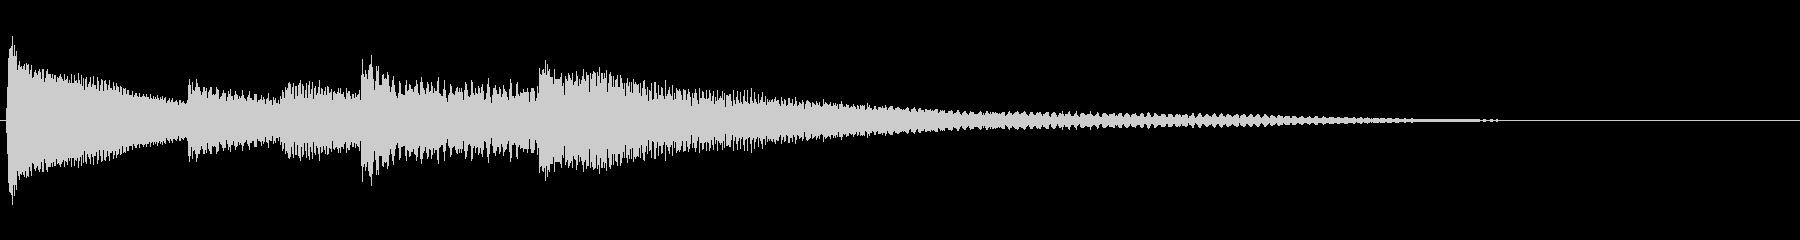 【生演奏】明るい雰囲気のピアノジングルの未再生の波形